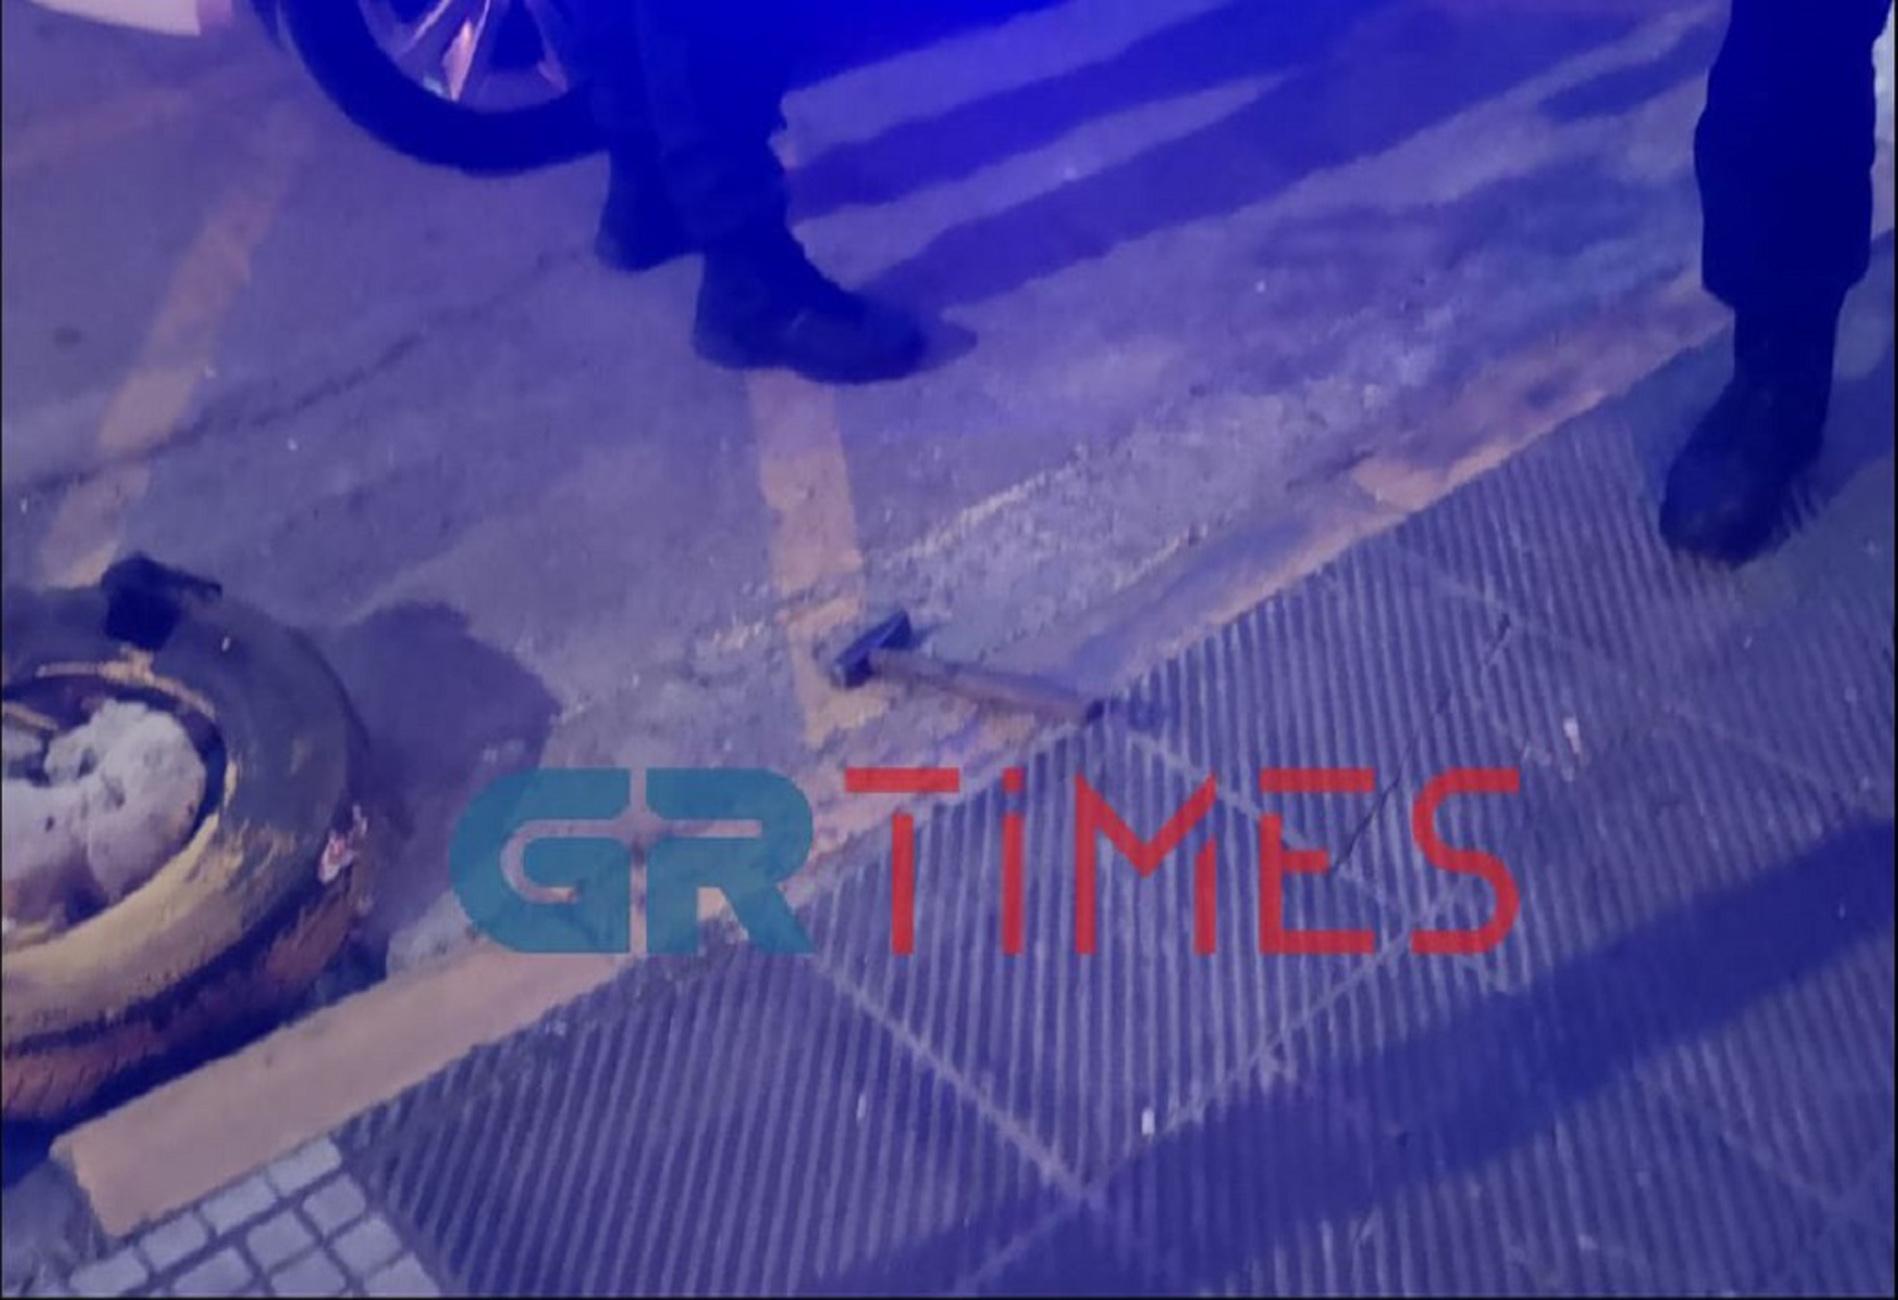 Θεσσαλονίκη: Επίθεση σε οδηγό με σφυρί (pics, video)